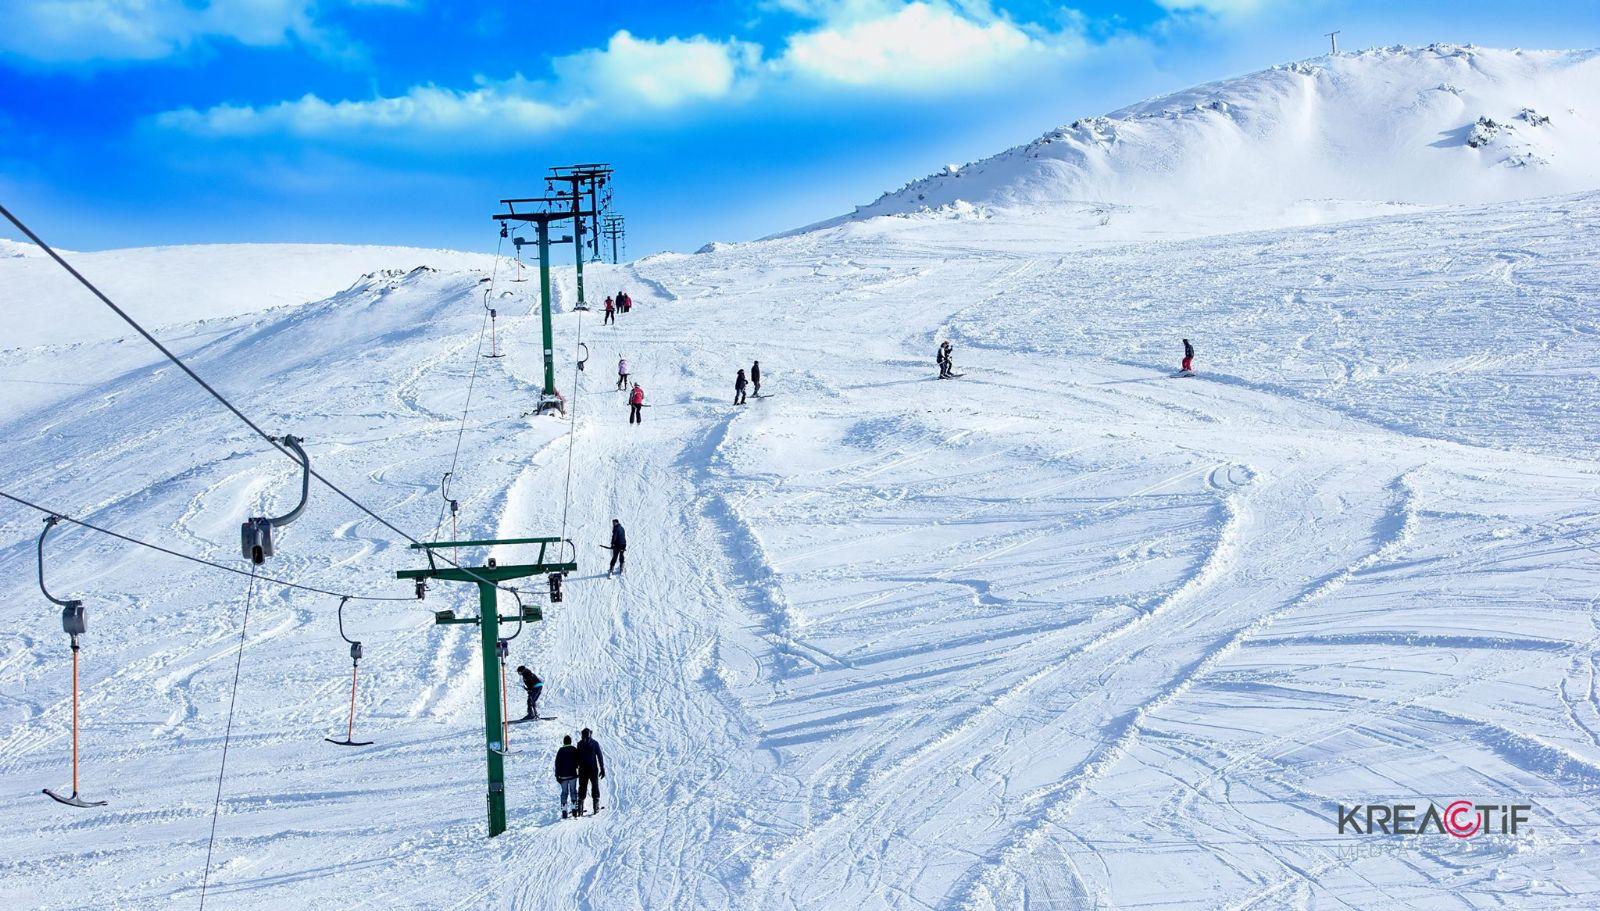 hazarbaba kayak merkezi fotograf cekimi kreactif 4